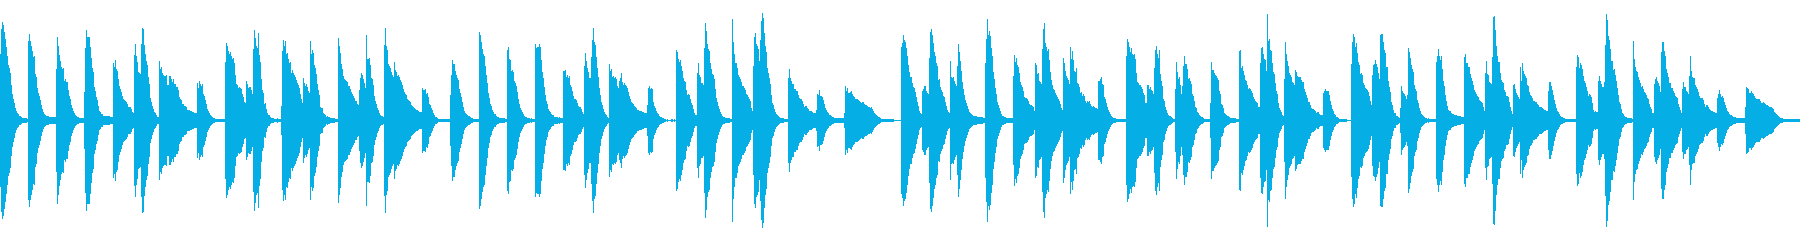 ループ可 ほのぼの料理・犬・散歩・日常の再生済みの波形